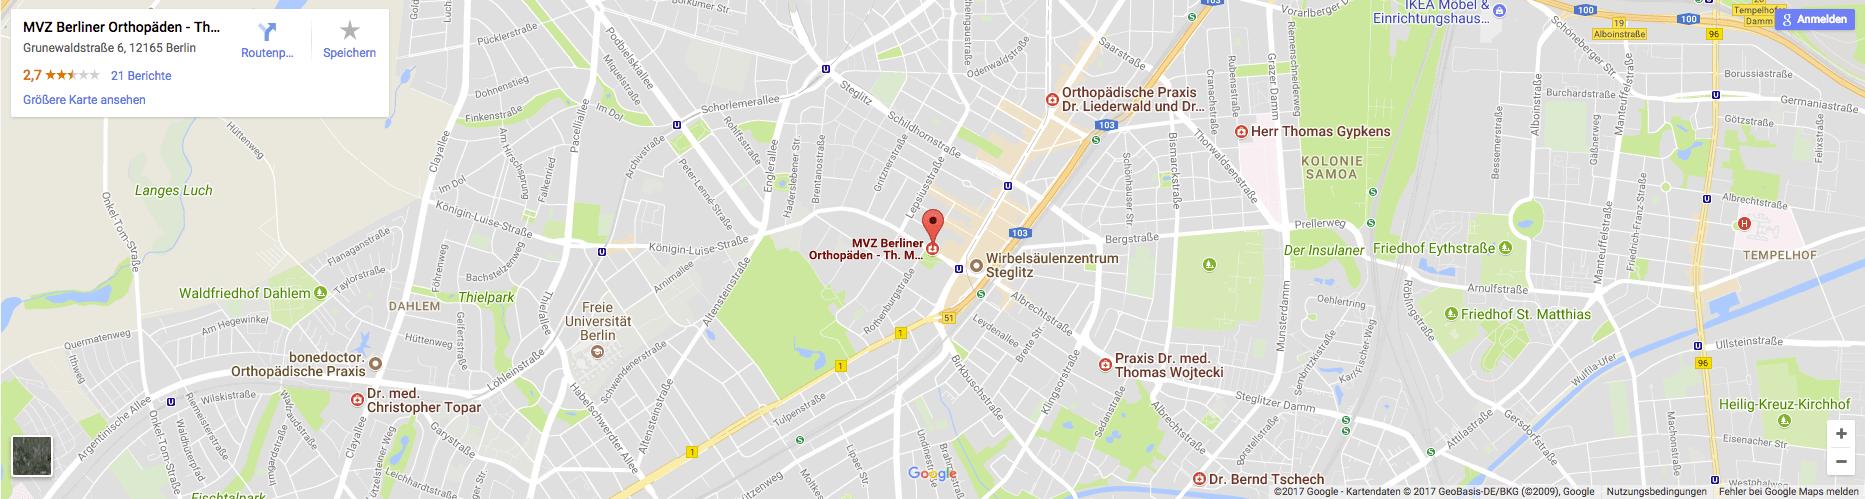 Orthopädie Steglitz